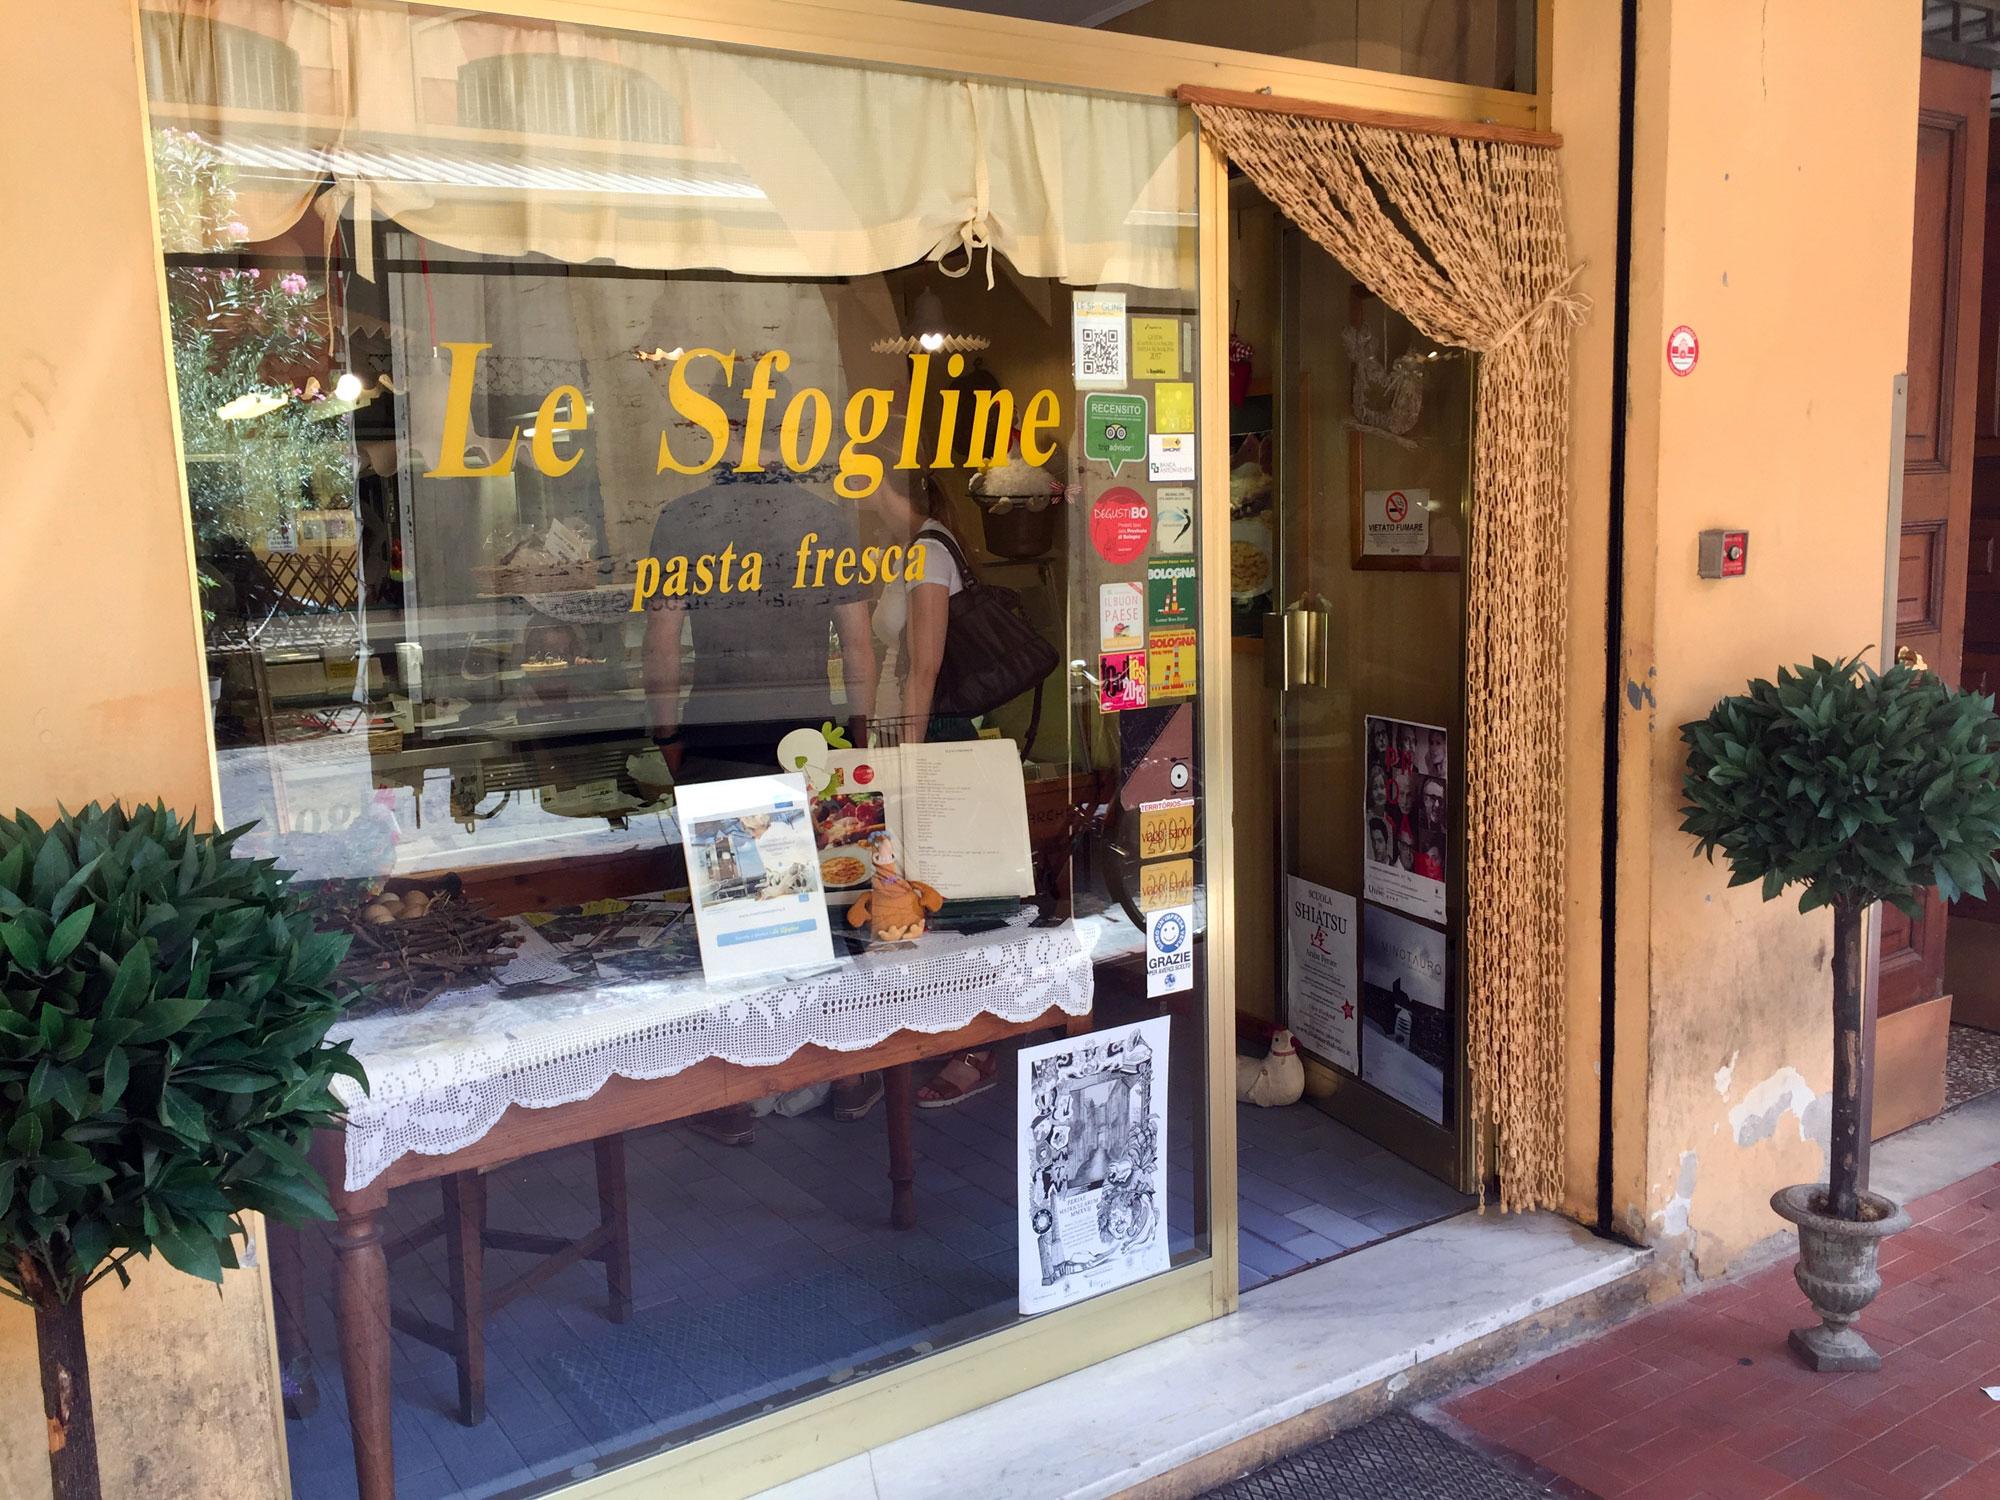 arex srl bologna recipes - photo#4